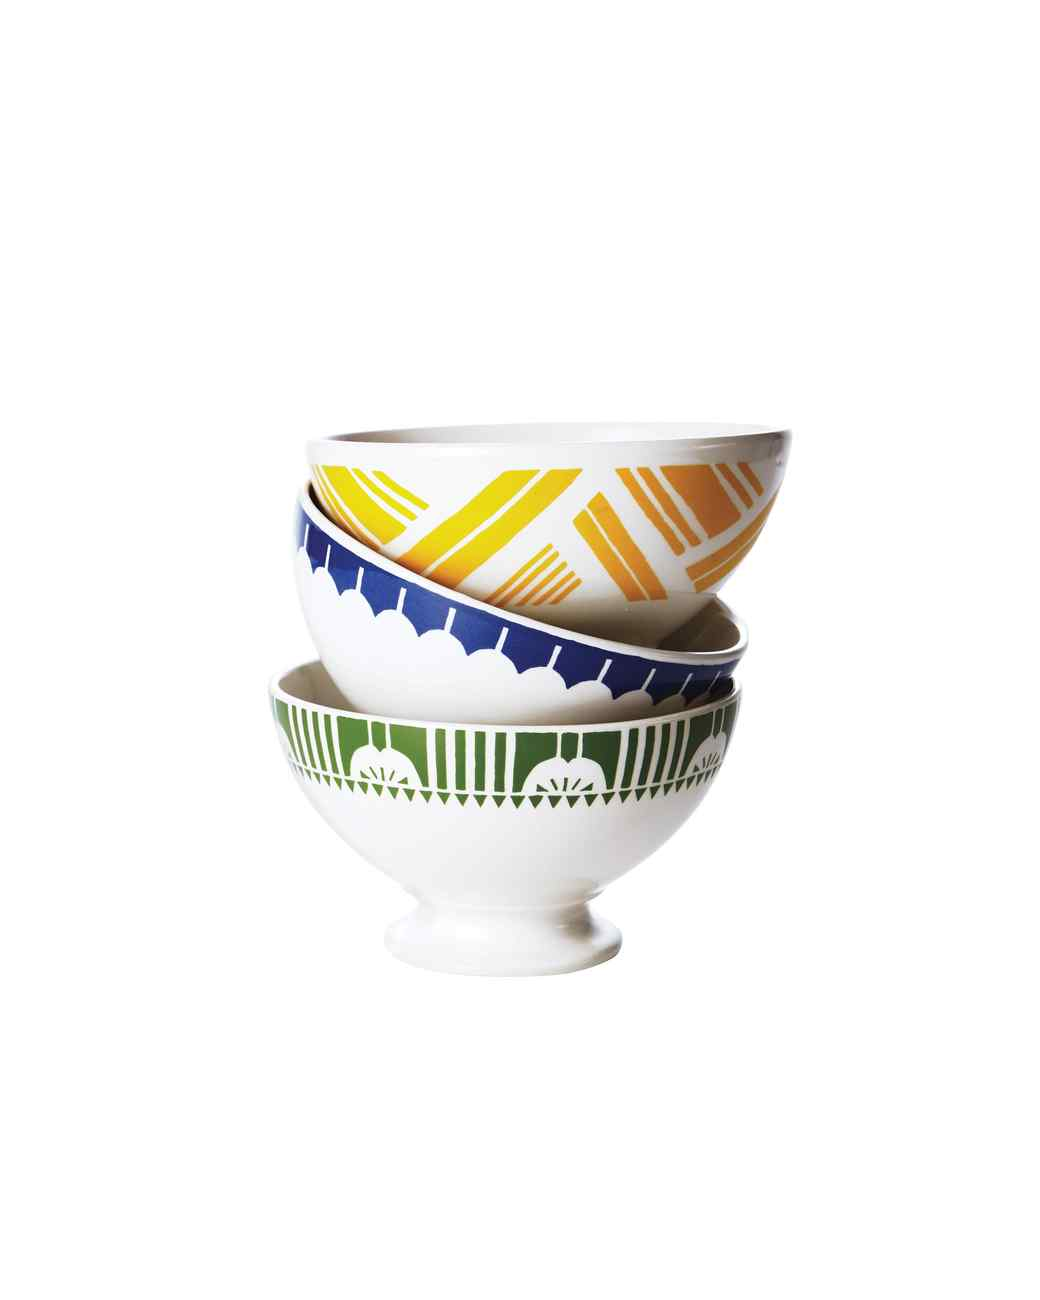 cafe-bowls-219-d112685-0216.jpg